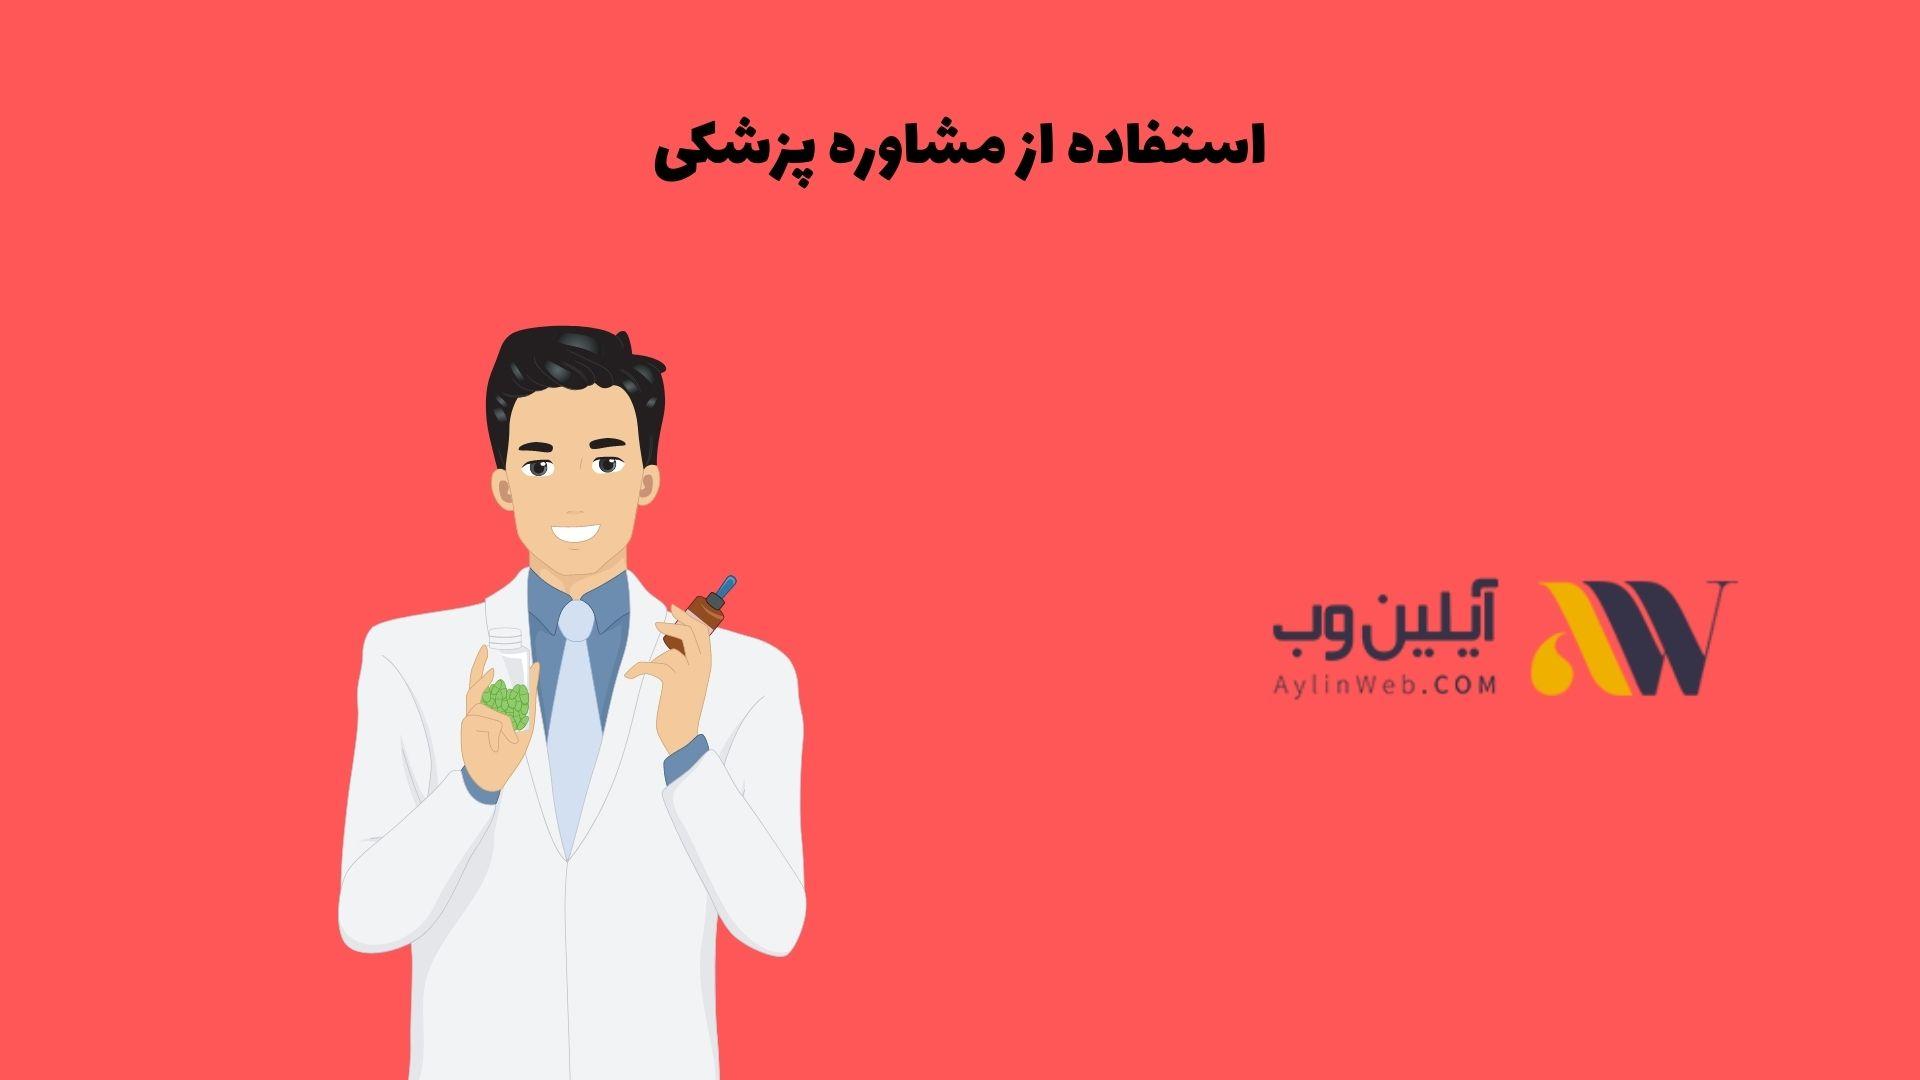 استفاده از مشاوره پزشکی